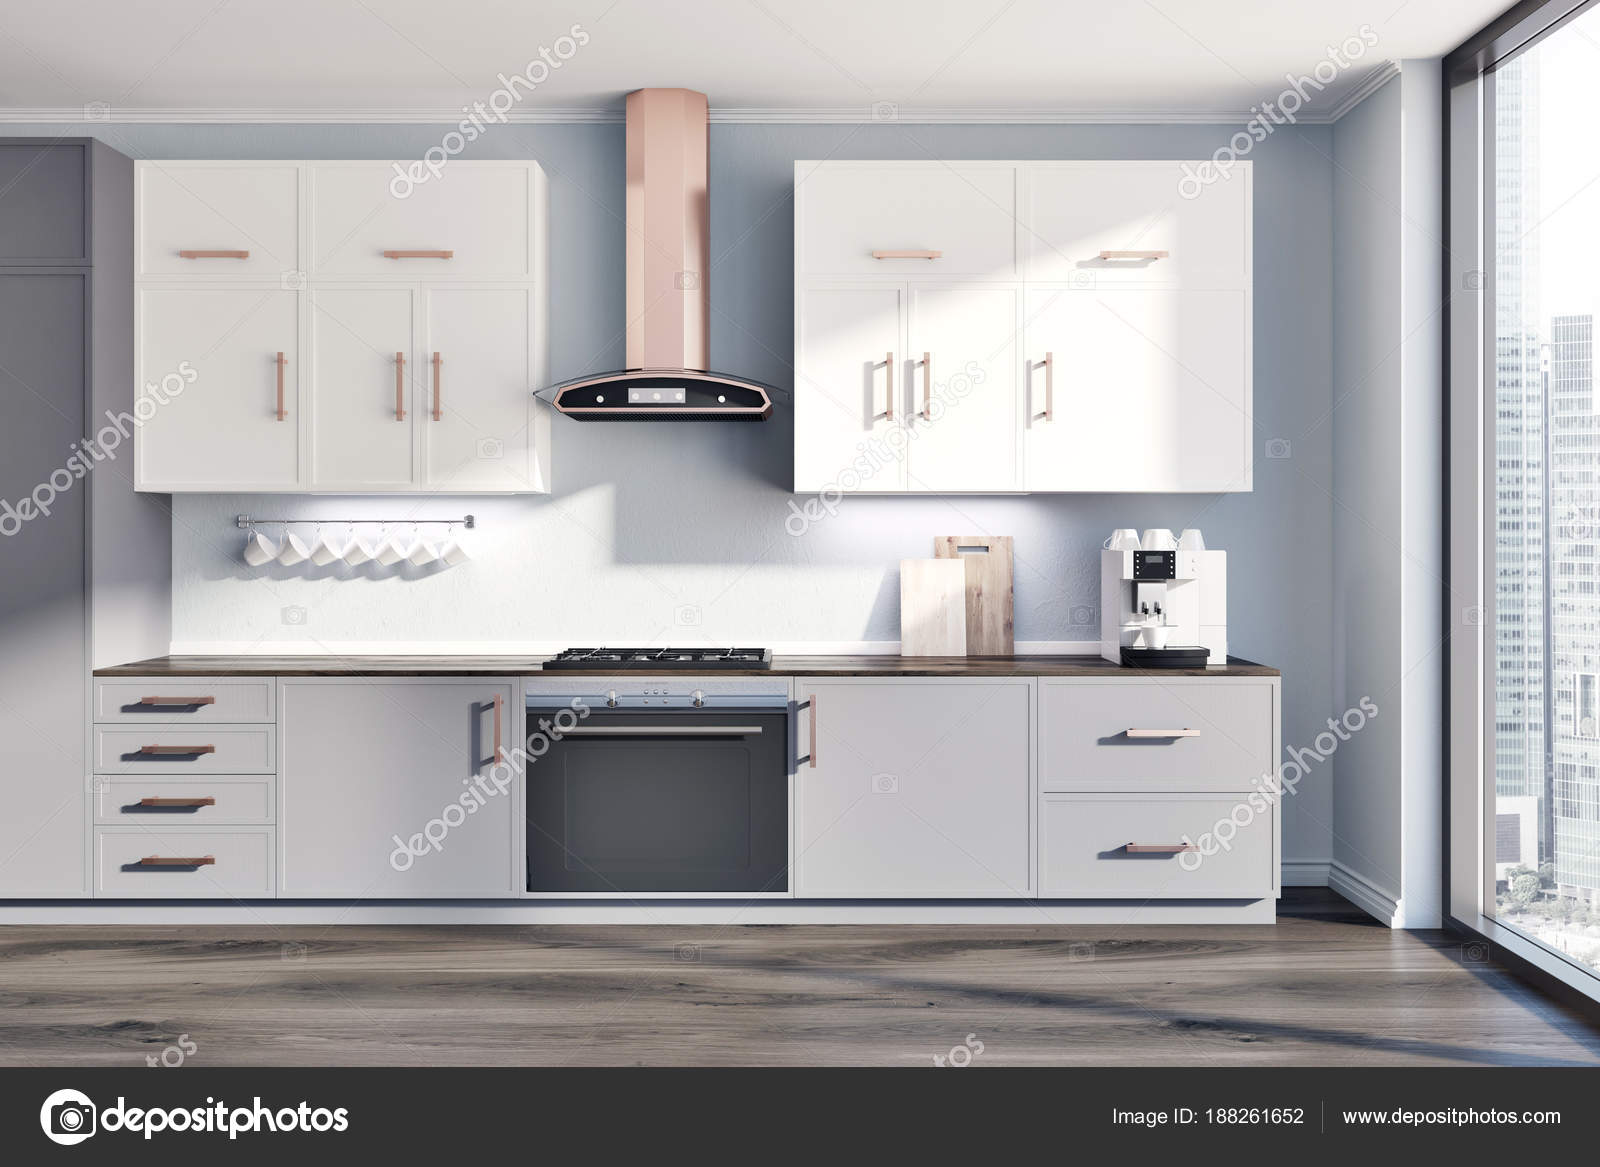 Banconi da cucina grigio interni, bianco e grigio — Foto Stock ...